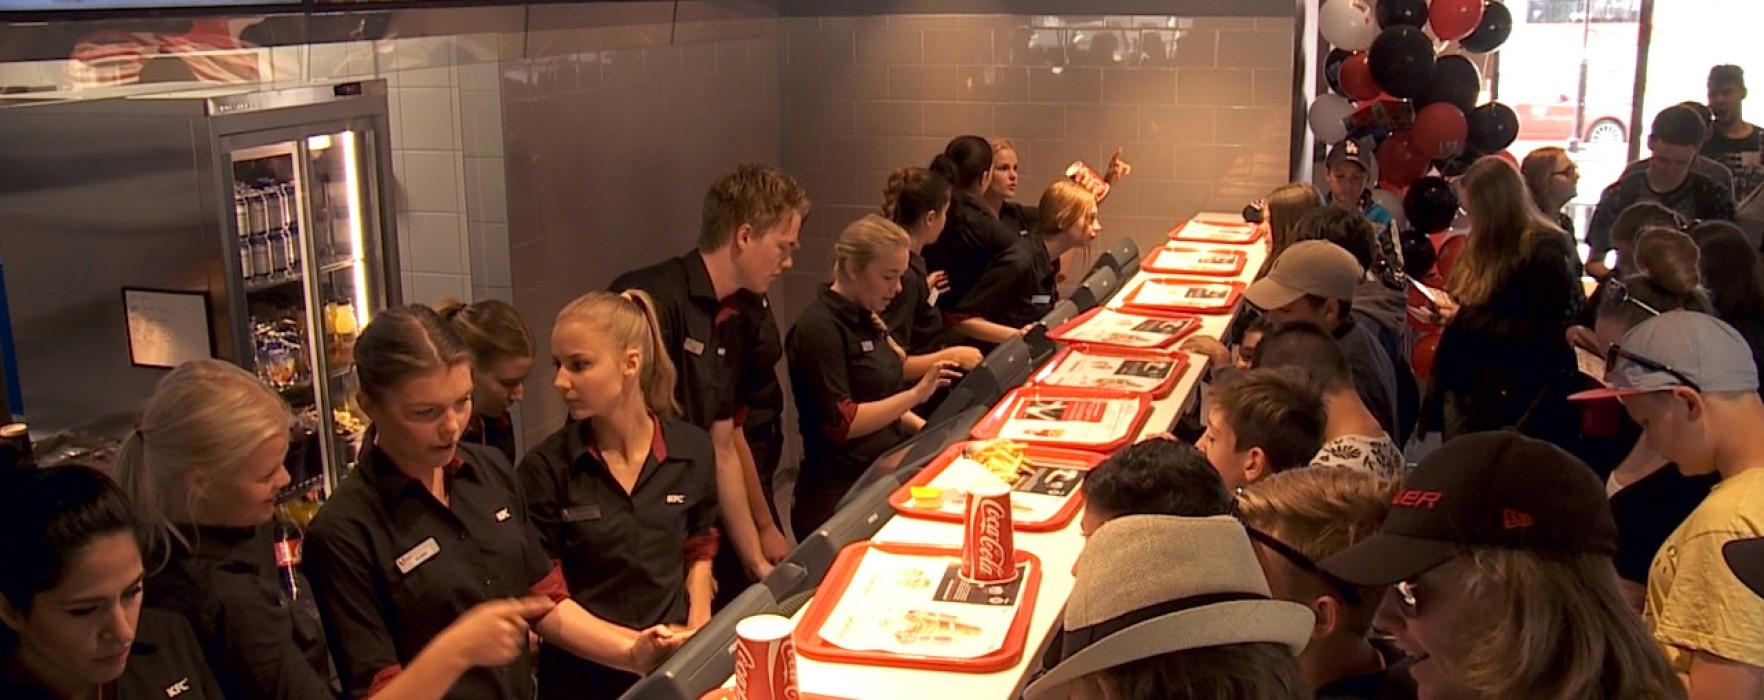 KFC öppnade i Välsviken i Karlstad